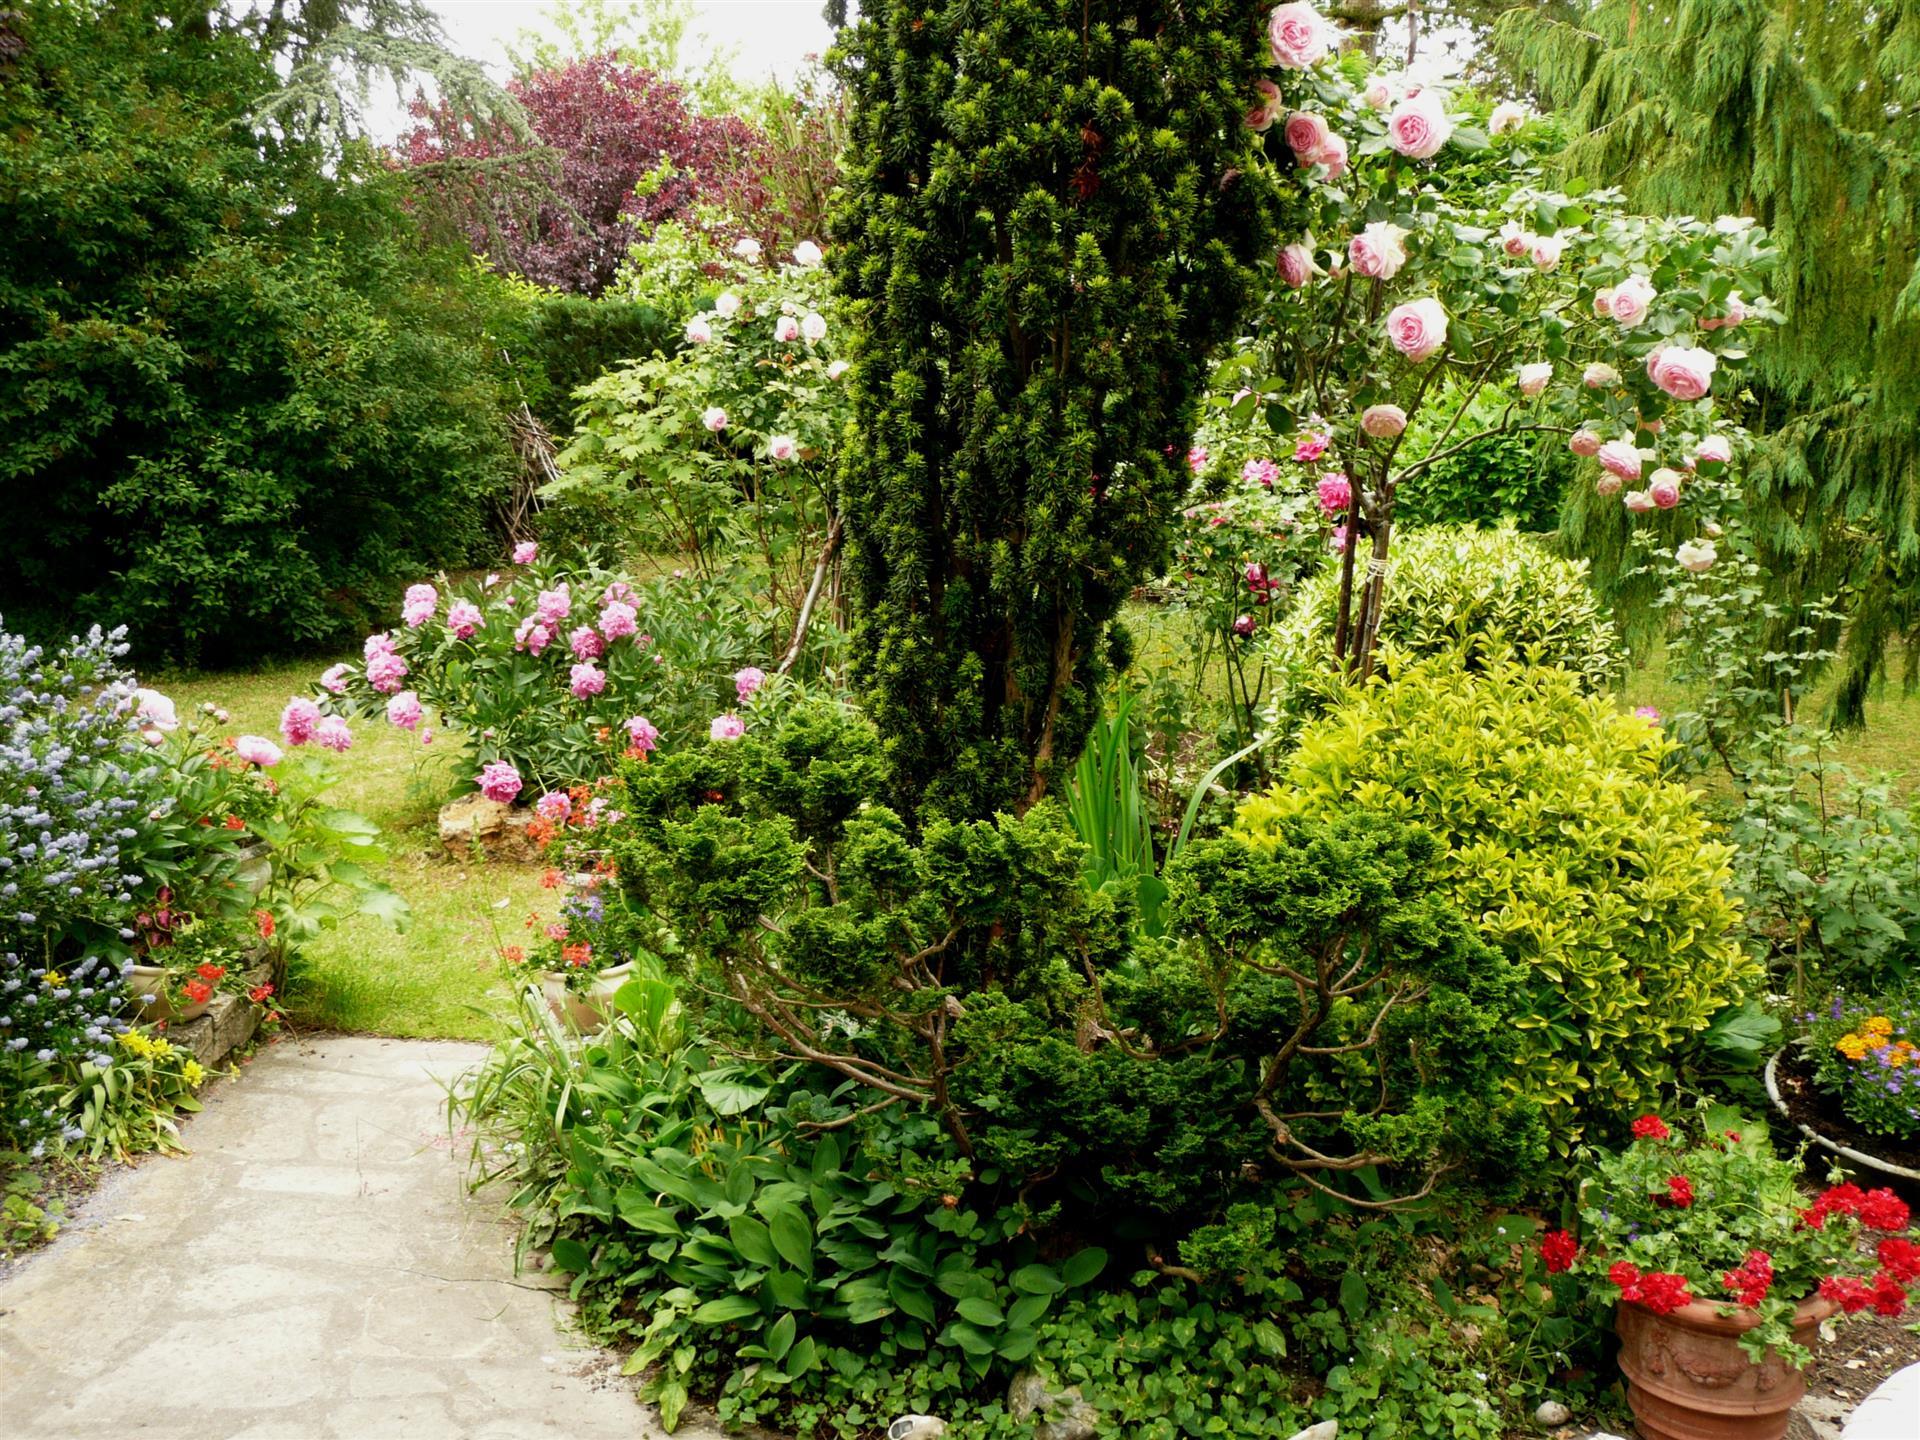 Jardin En Pente Comment Faire comment agrandir visuellement son jardin ?